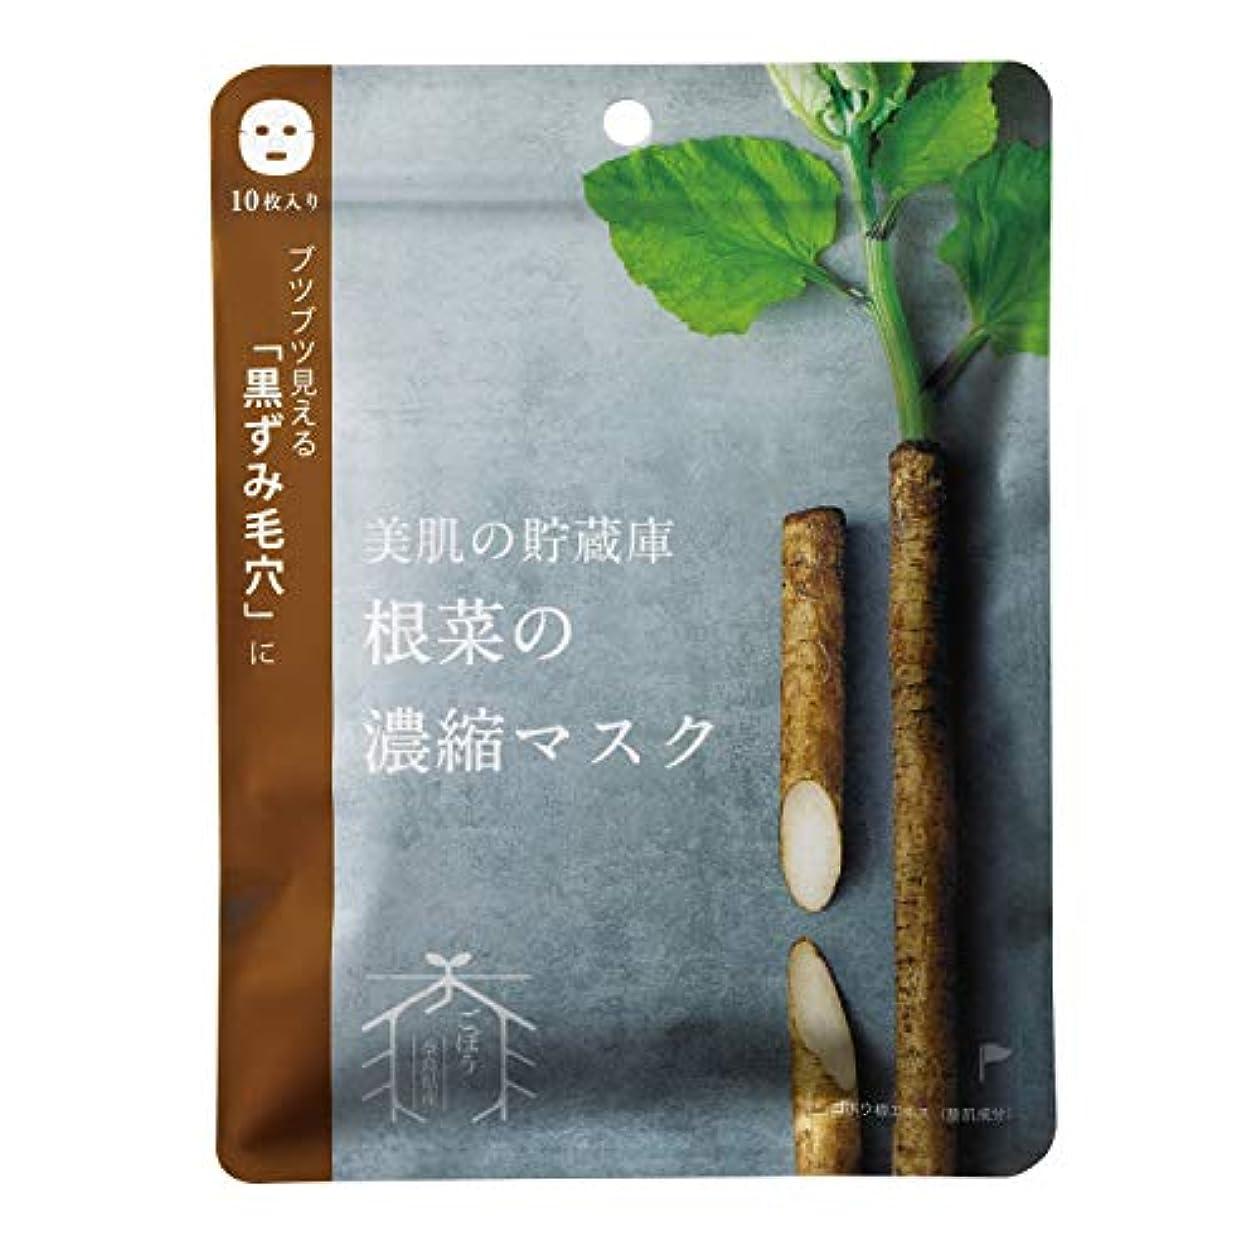 広告主ヘリコプター証明書@cosme nippon 美肌の貯蔵庫 根菜の濃縮マスク 宇陀金ごぼう 10枚 160ml